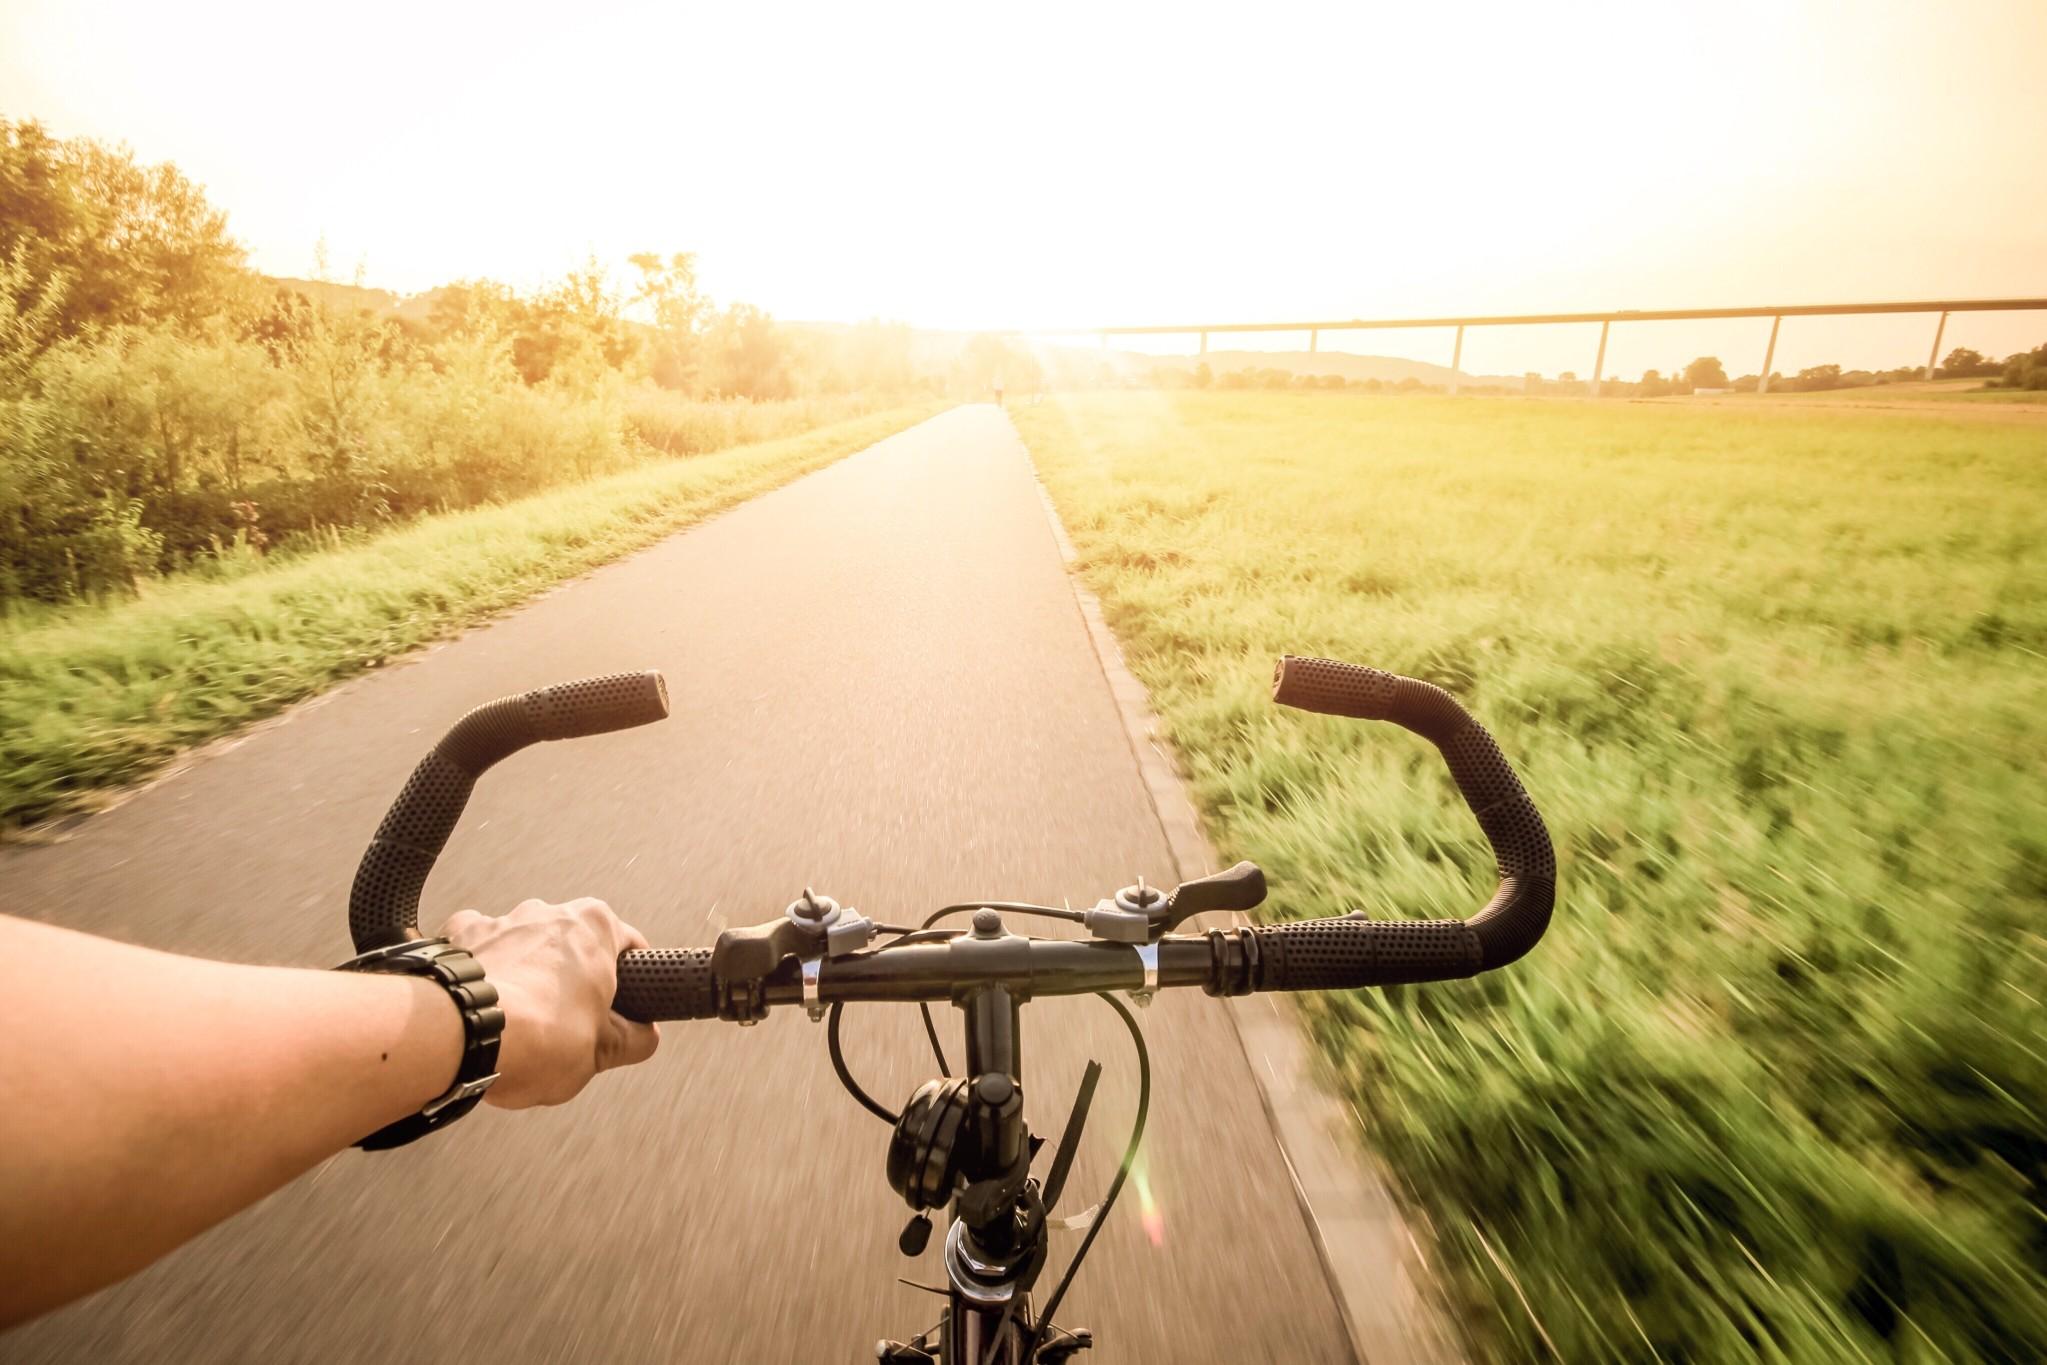 bezpieczenstwo-na-rowerze-blog